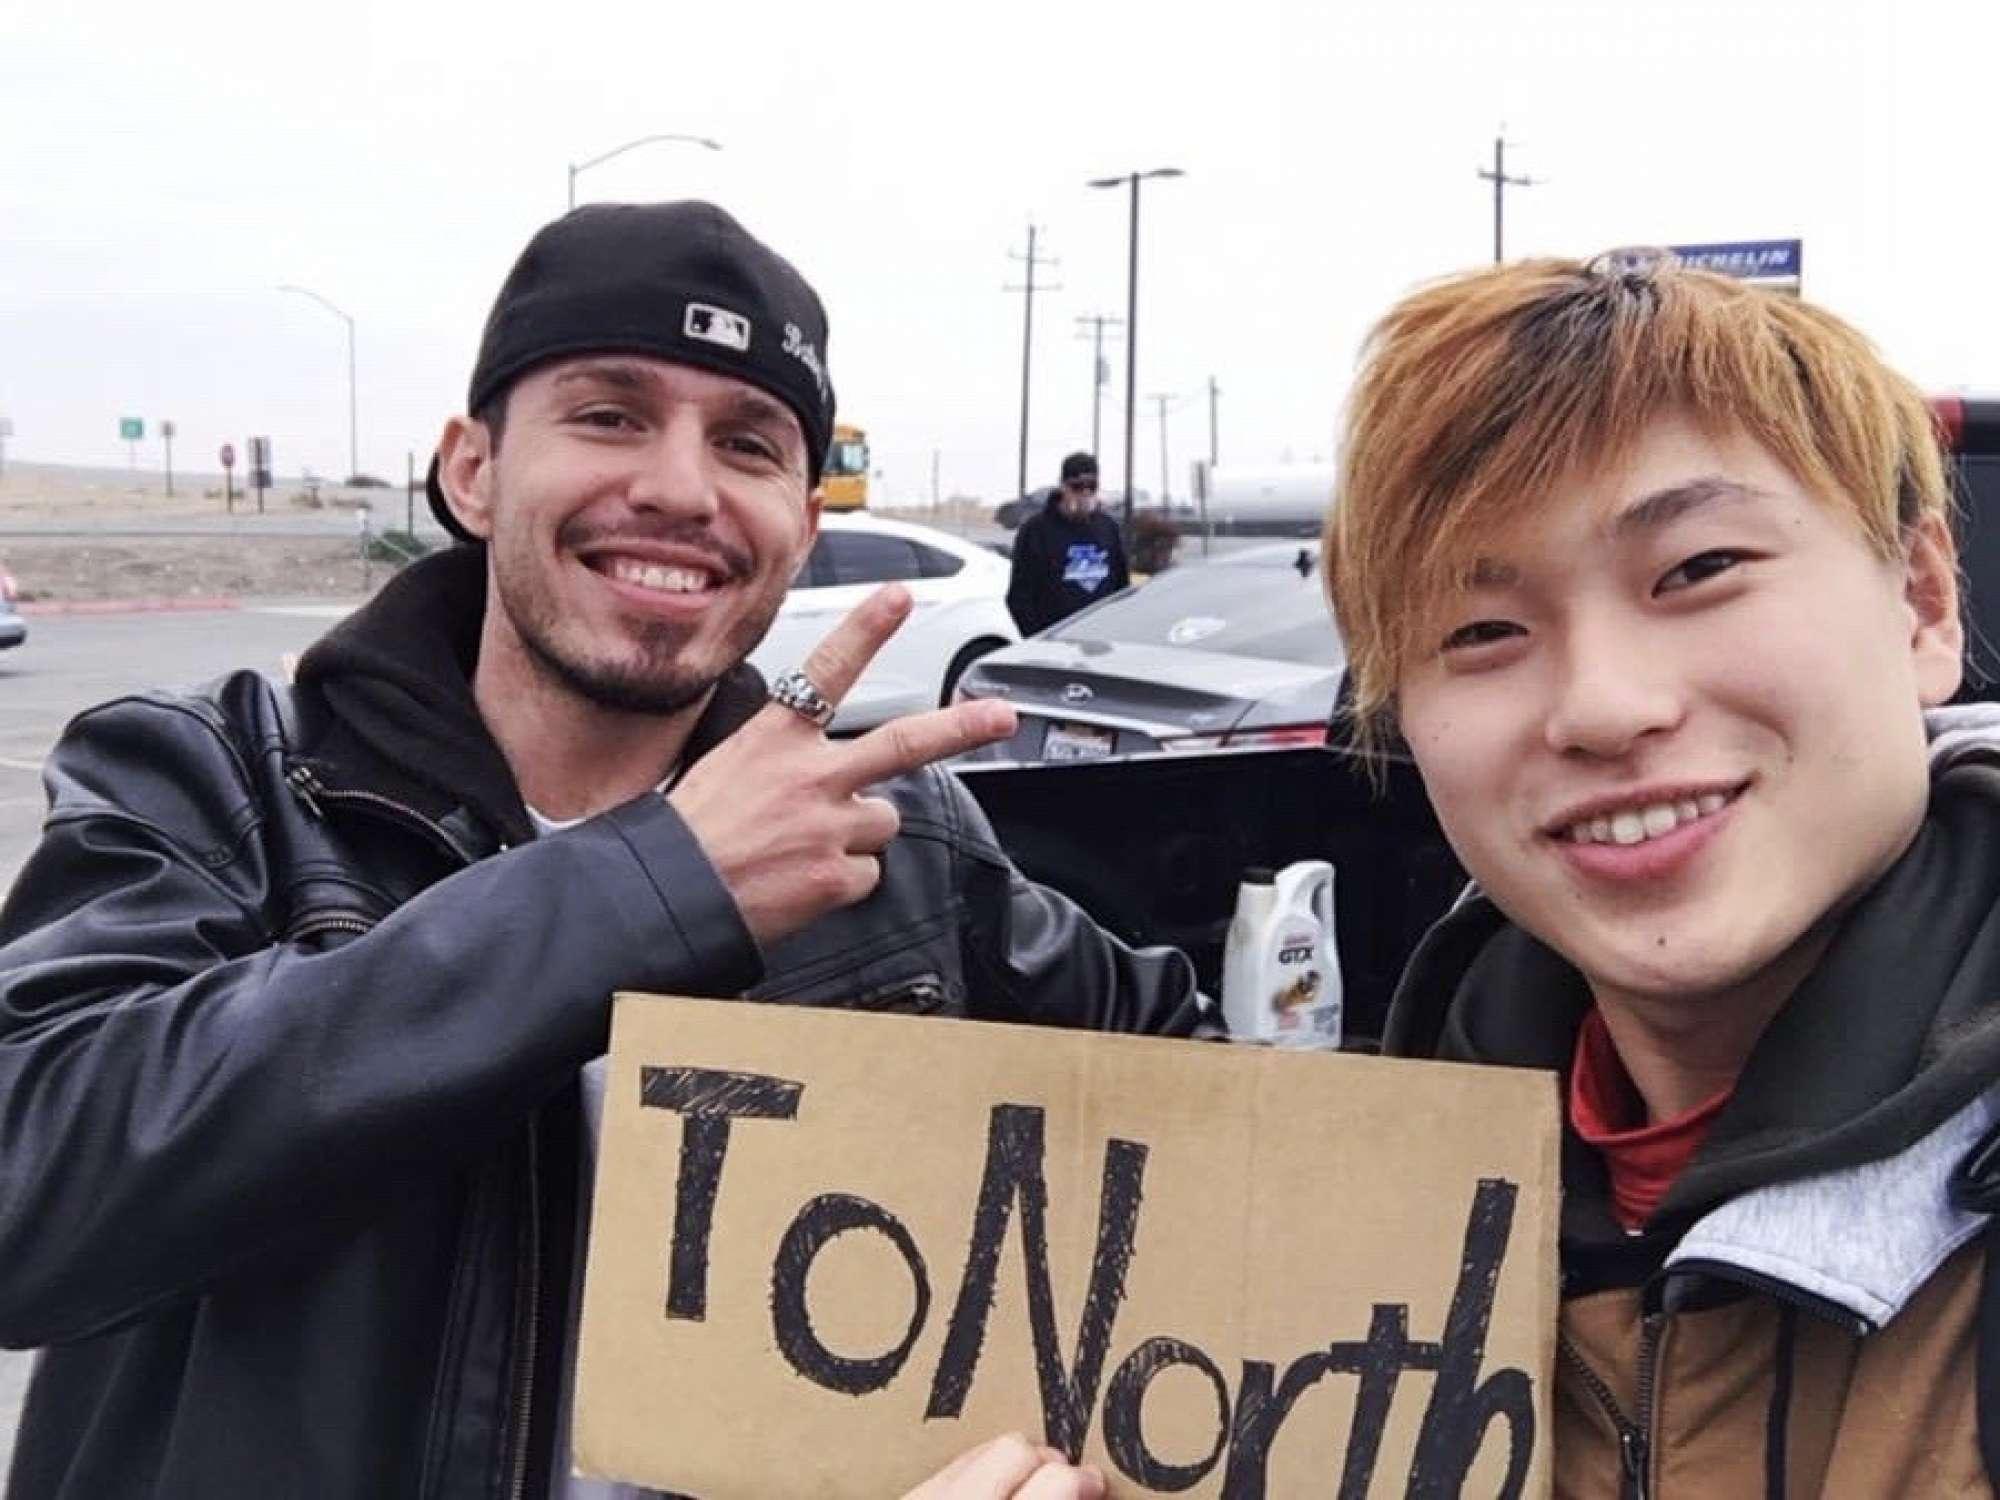 - 息子はアメリカ留学中の休みを利用してシアトルからロサンゼルスの往復をヒッチハイクでしていることを、旅の途中に息子のYoutube配信で知りびっくり!一人旅、とても心配でした。 -